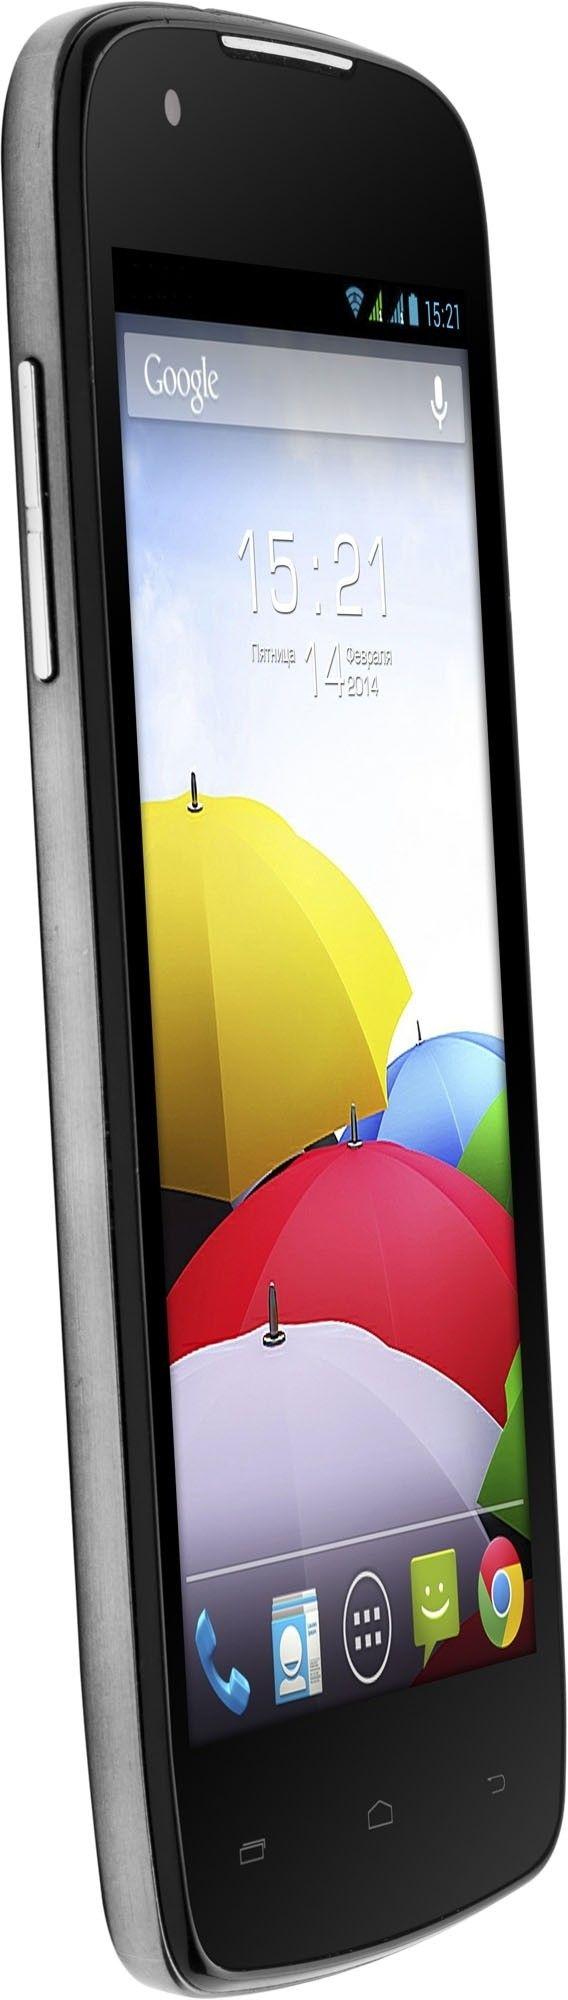 Мобильный телефон Fly IQ4405 Quad Evo Chic Silver - 2